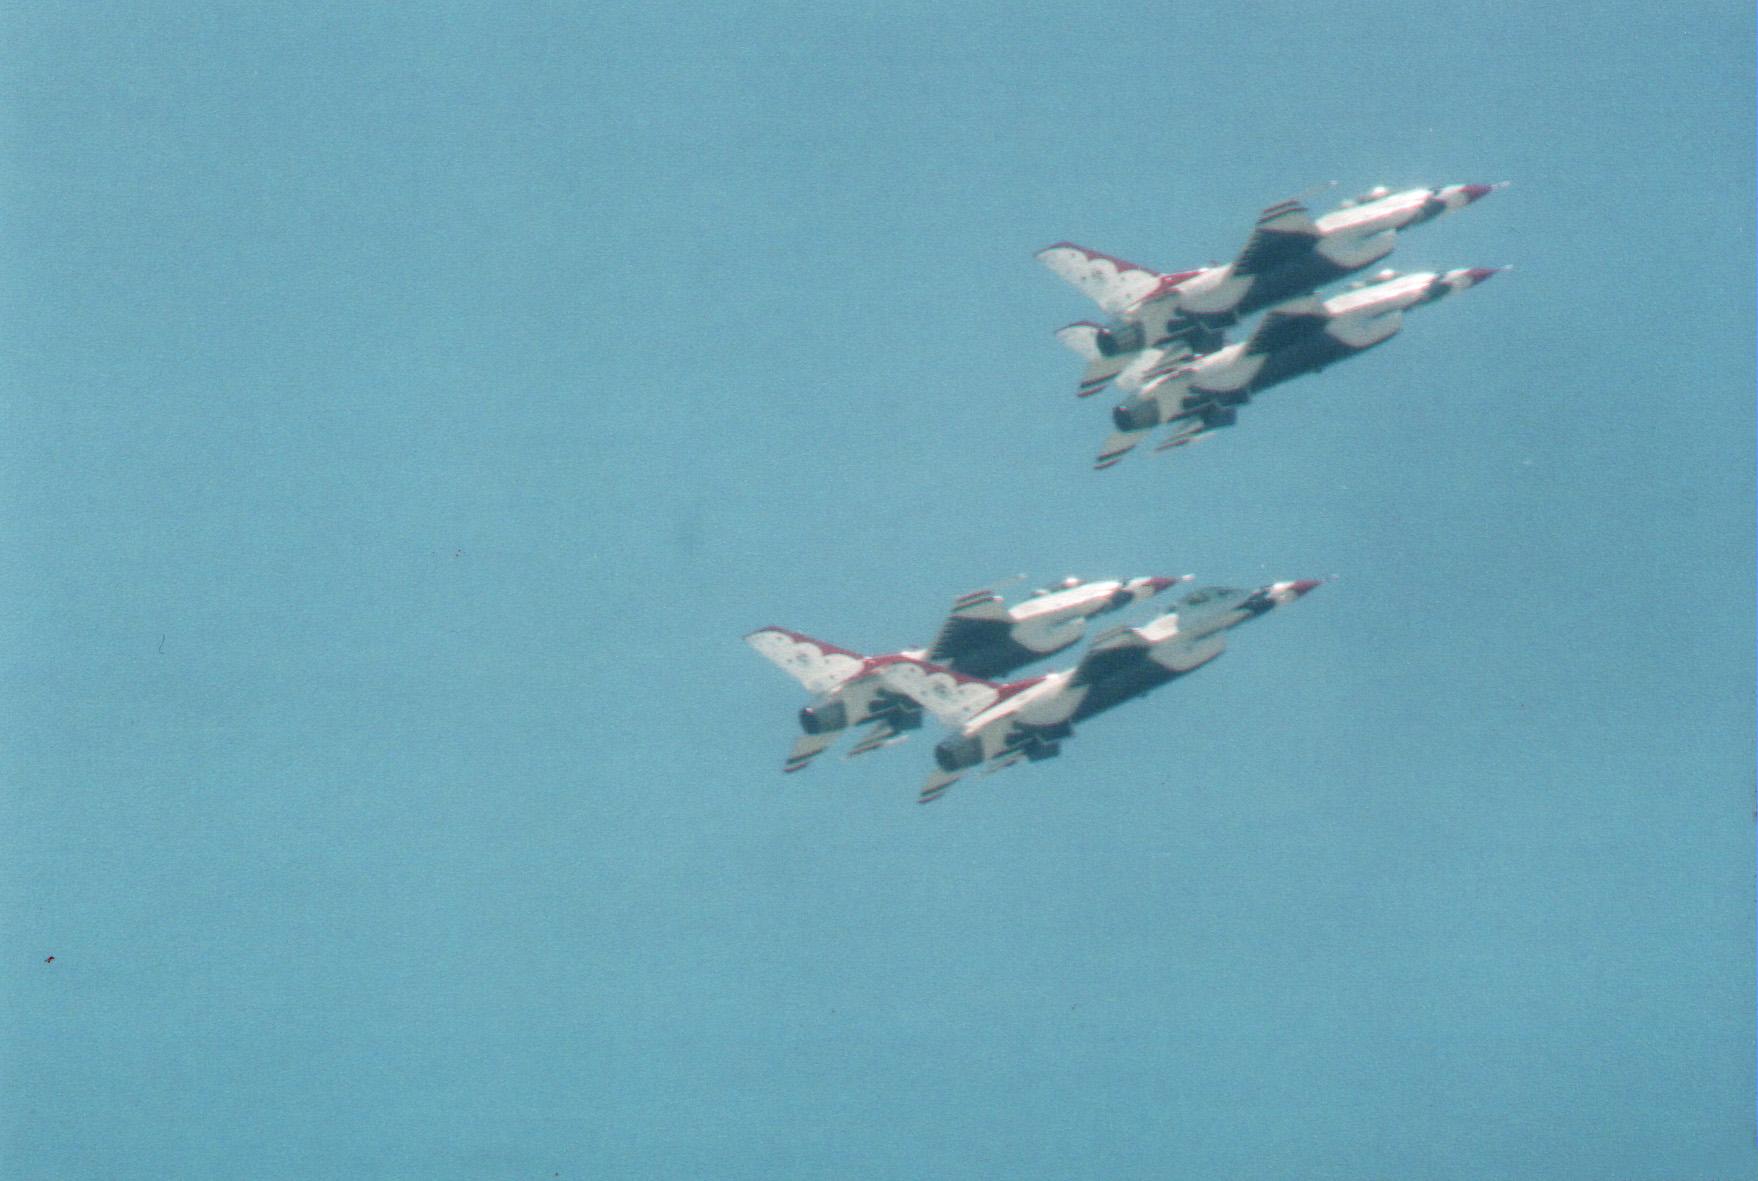 Thunderbirds_1.jpg